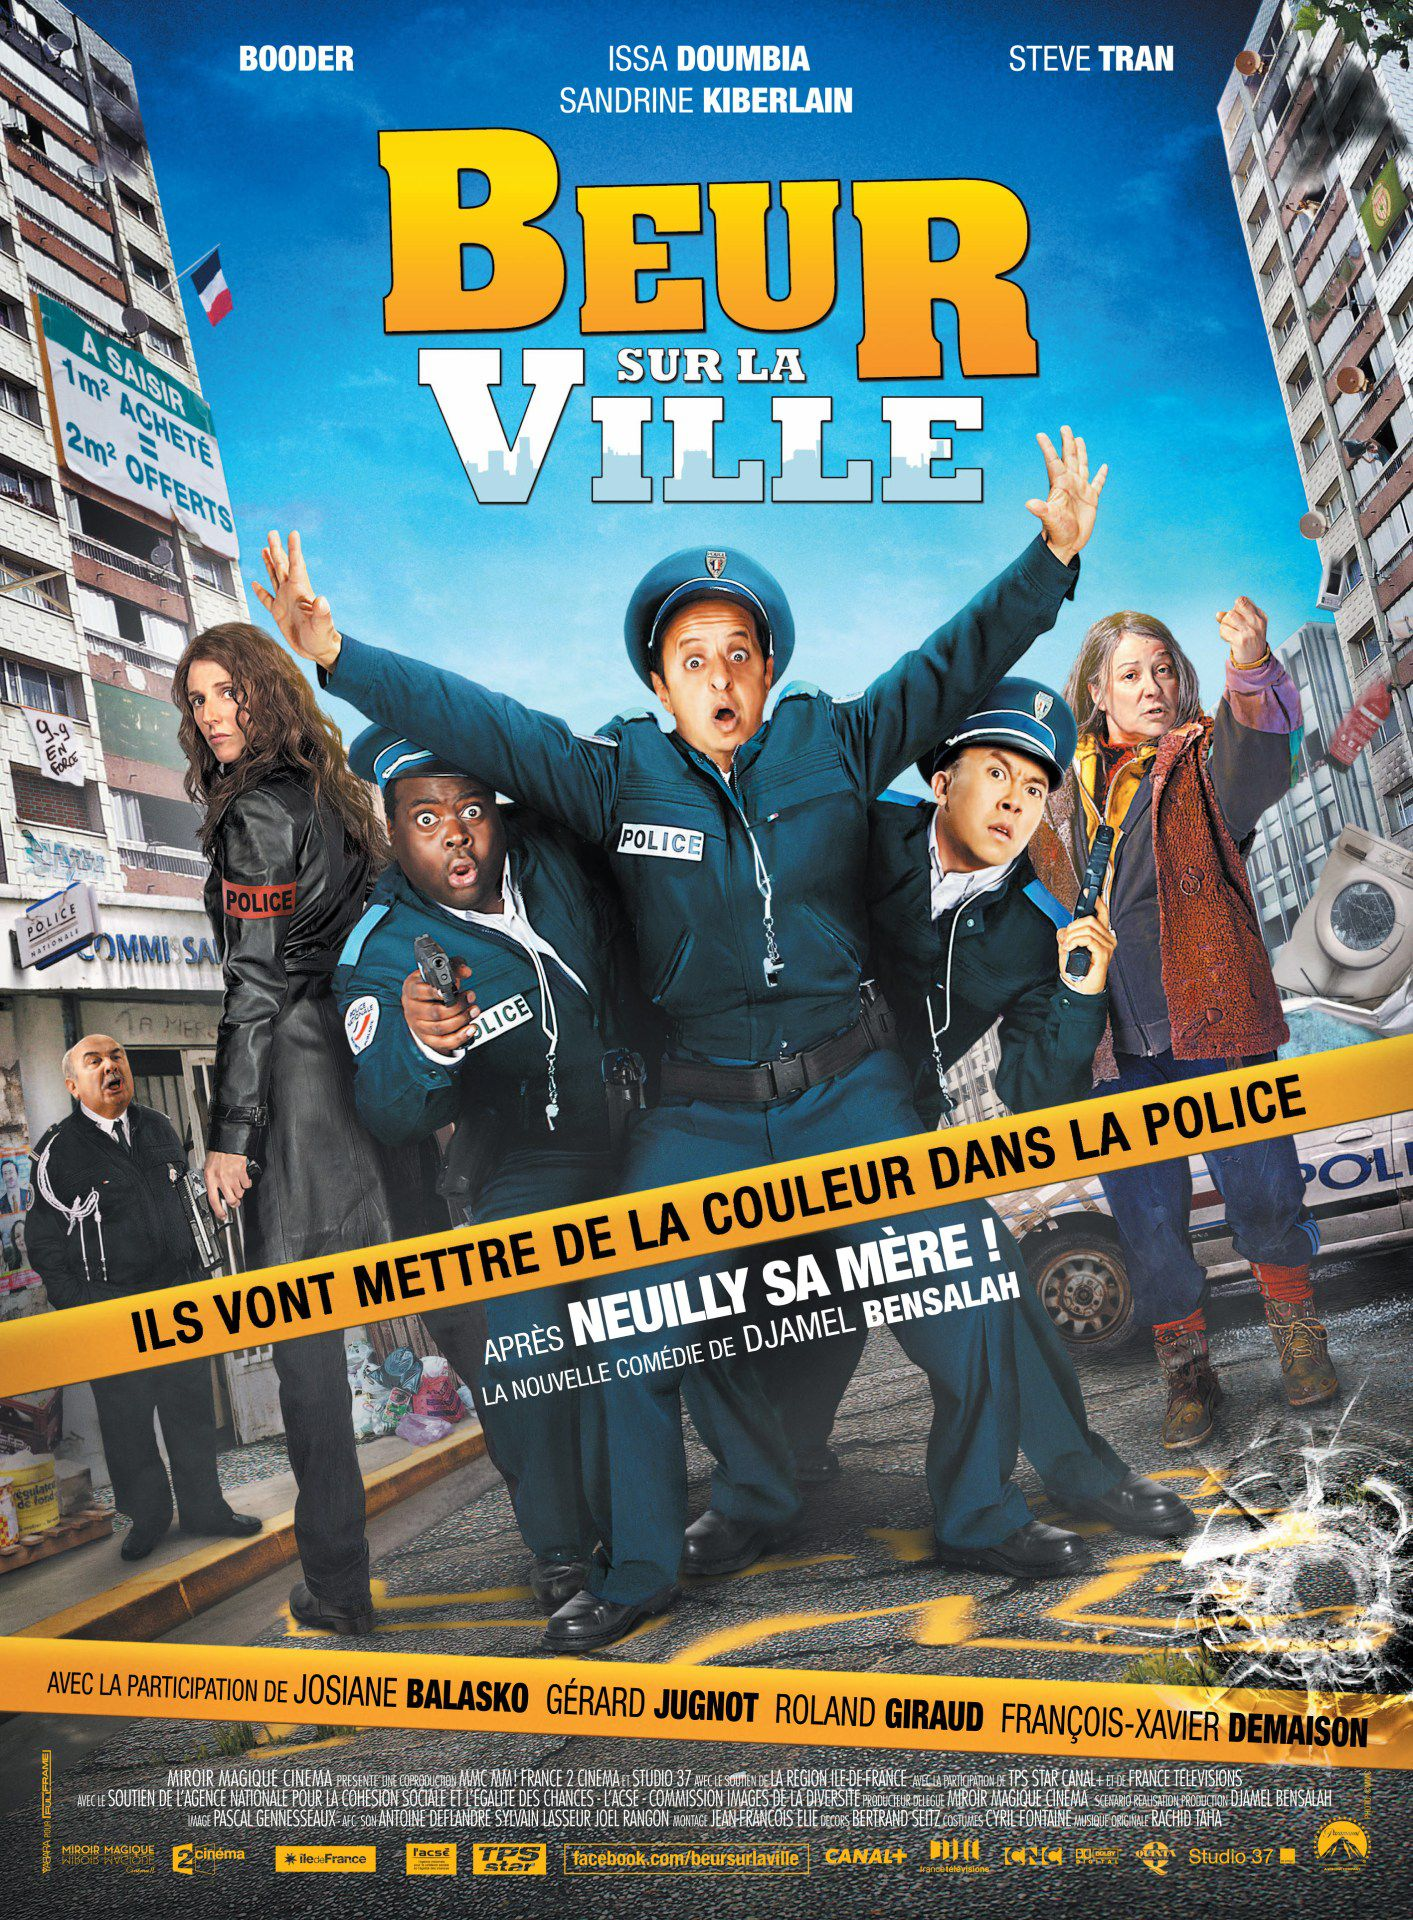 Beur sur la ville - Film (2011)